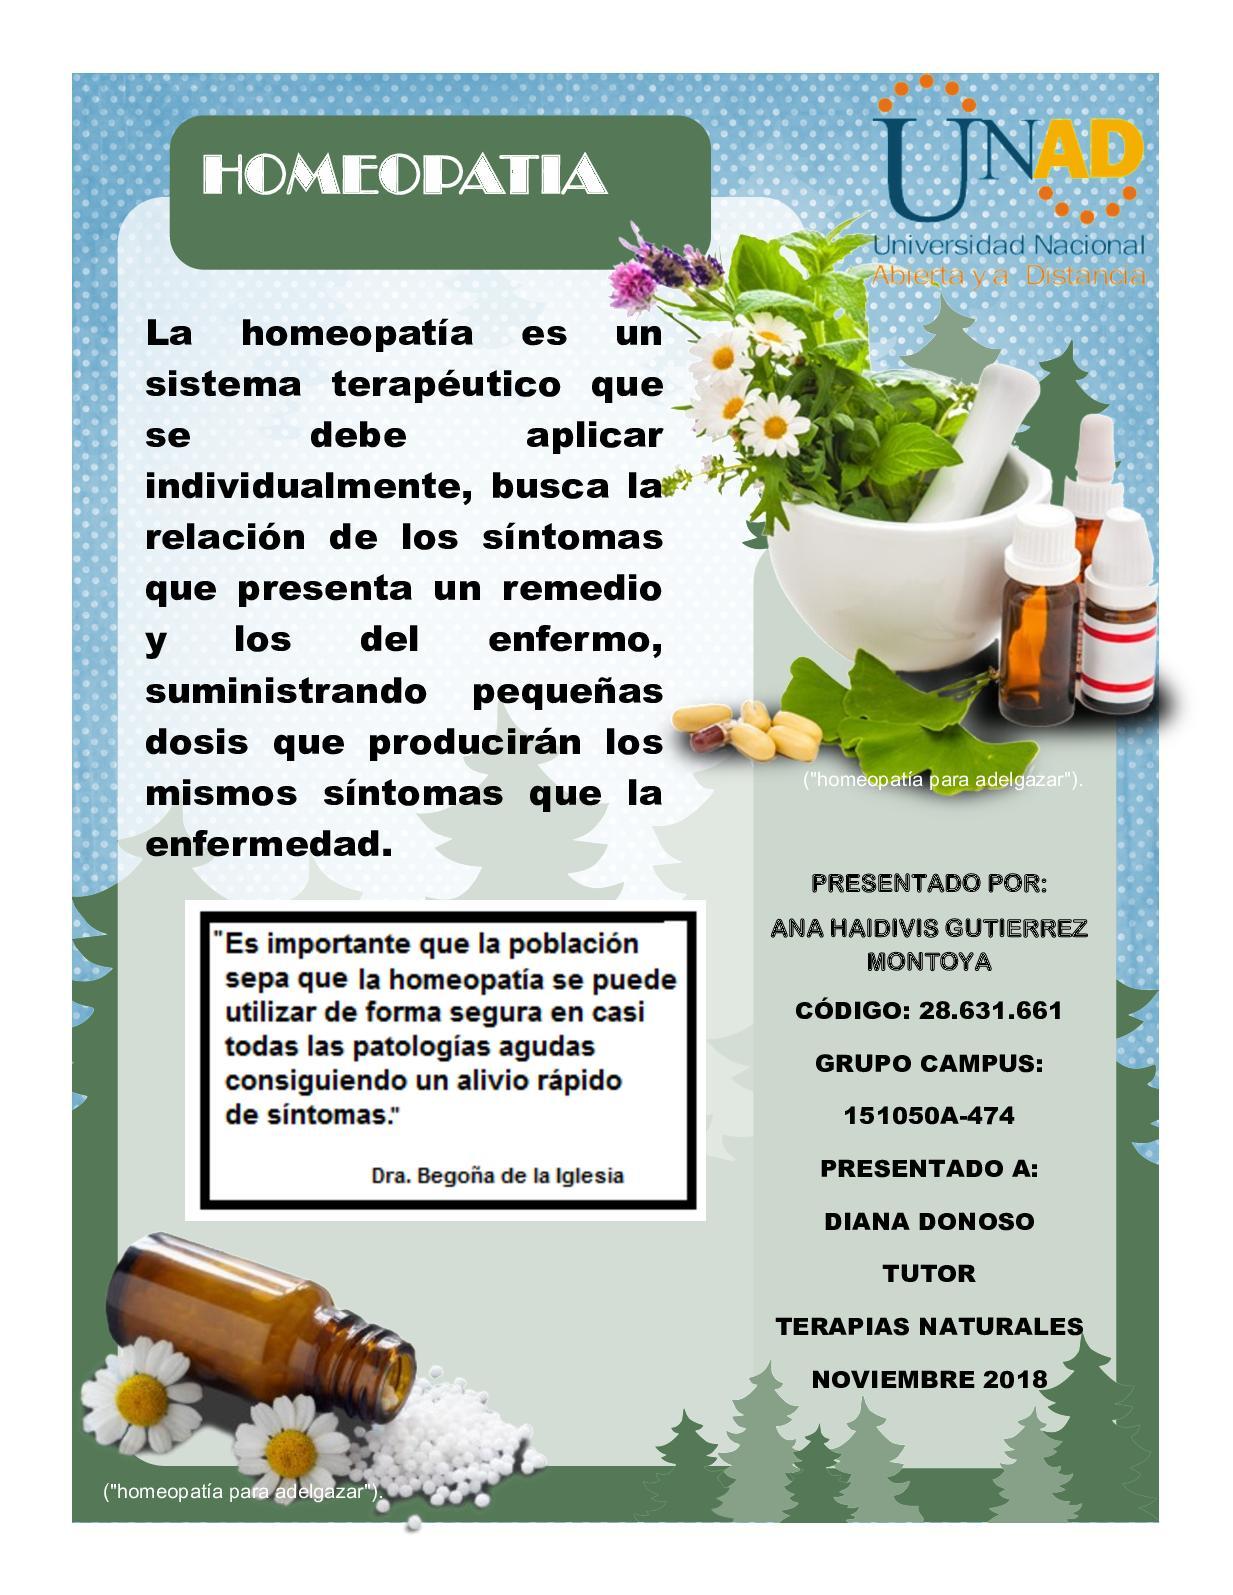 Medicamento homeopatico para adelgazar rapido